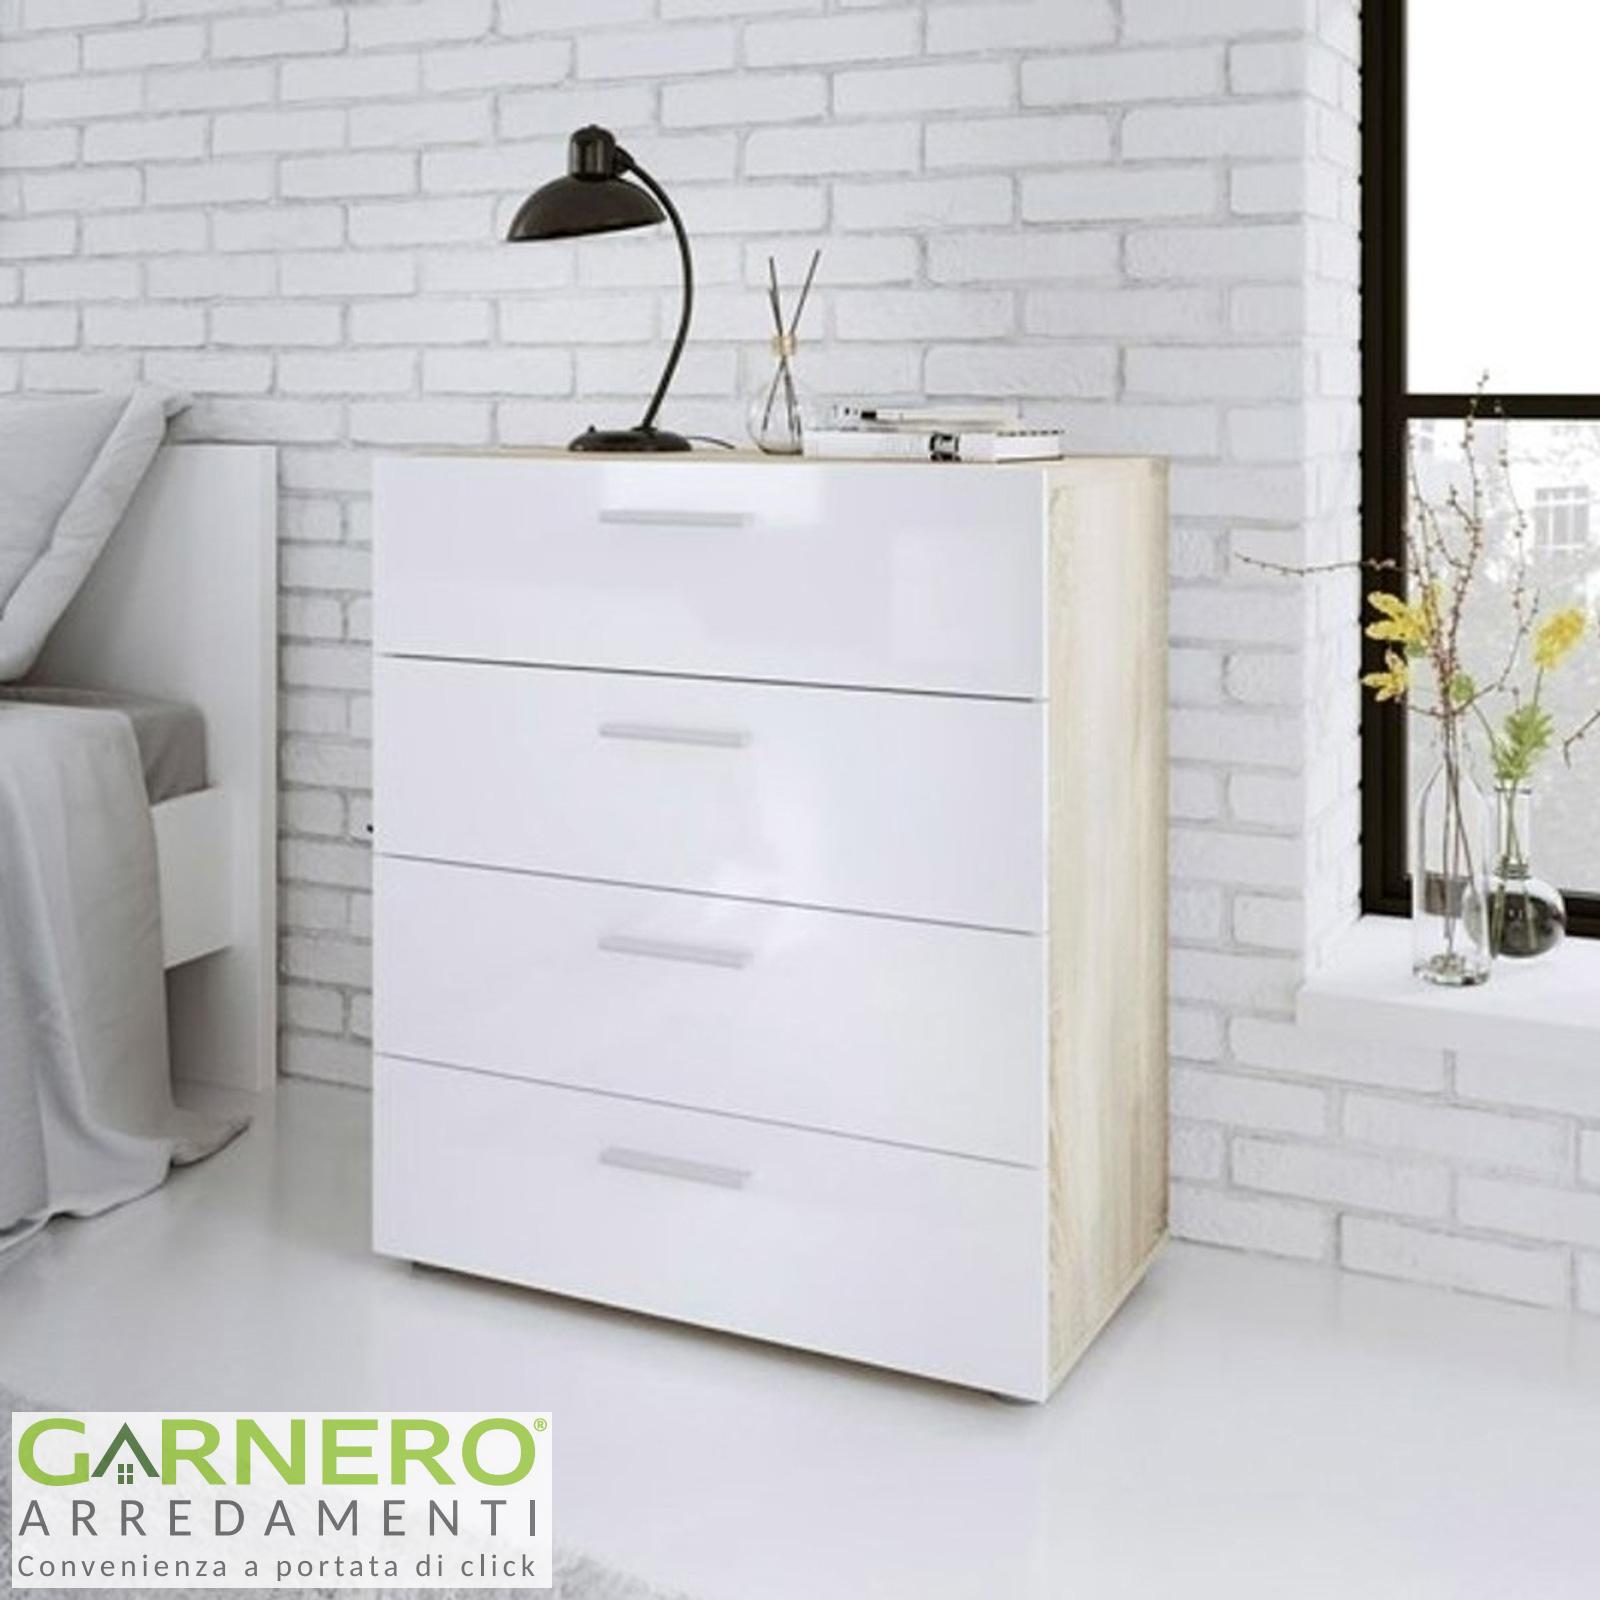 Mini Cassettiera Fai Da Te dettagli su cassettiera doppia elly design moderno bianco lucido e quercia  camera da letto